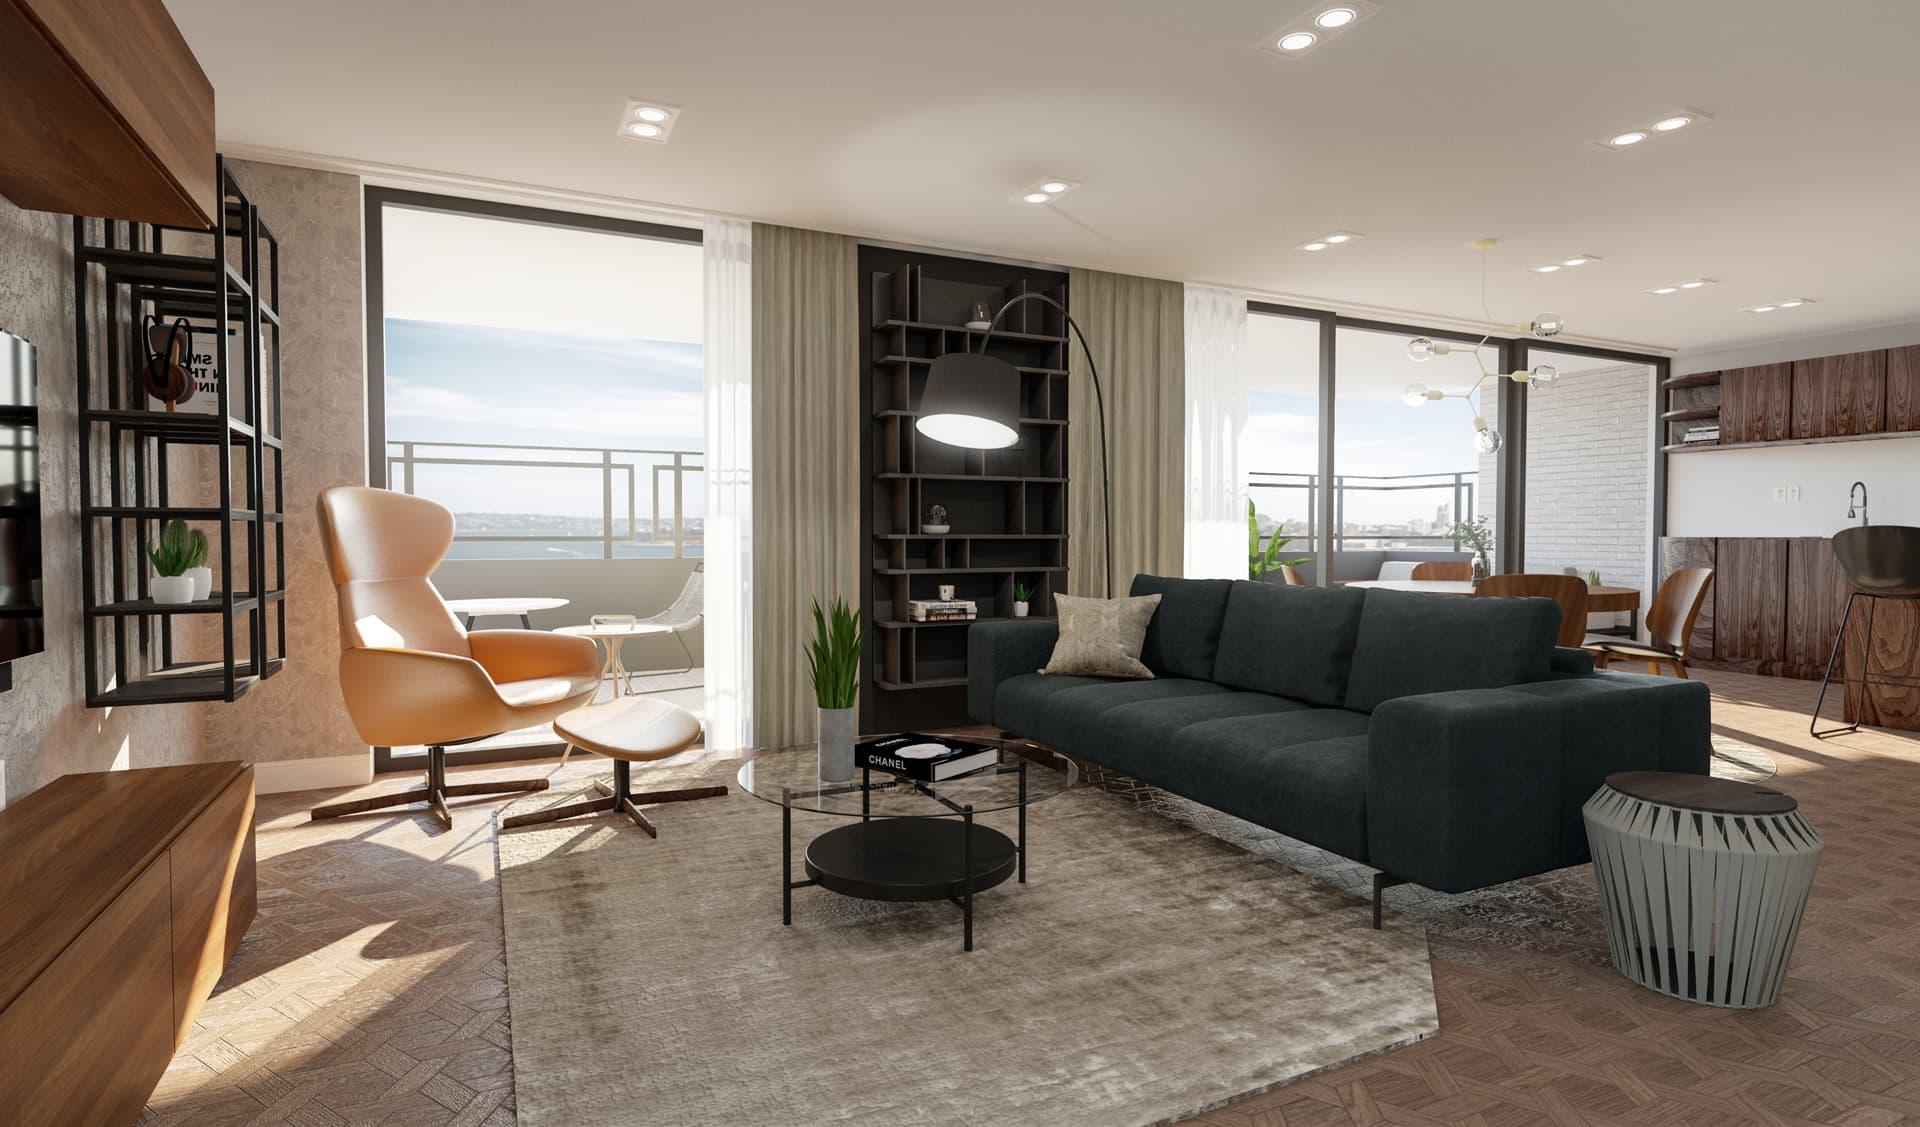 7/12 Living Room, Loft, Design Package